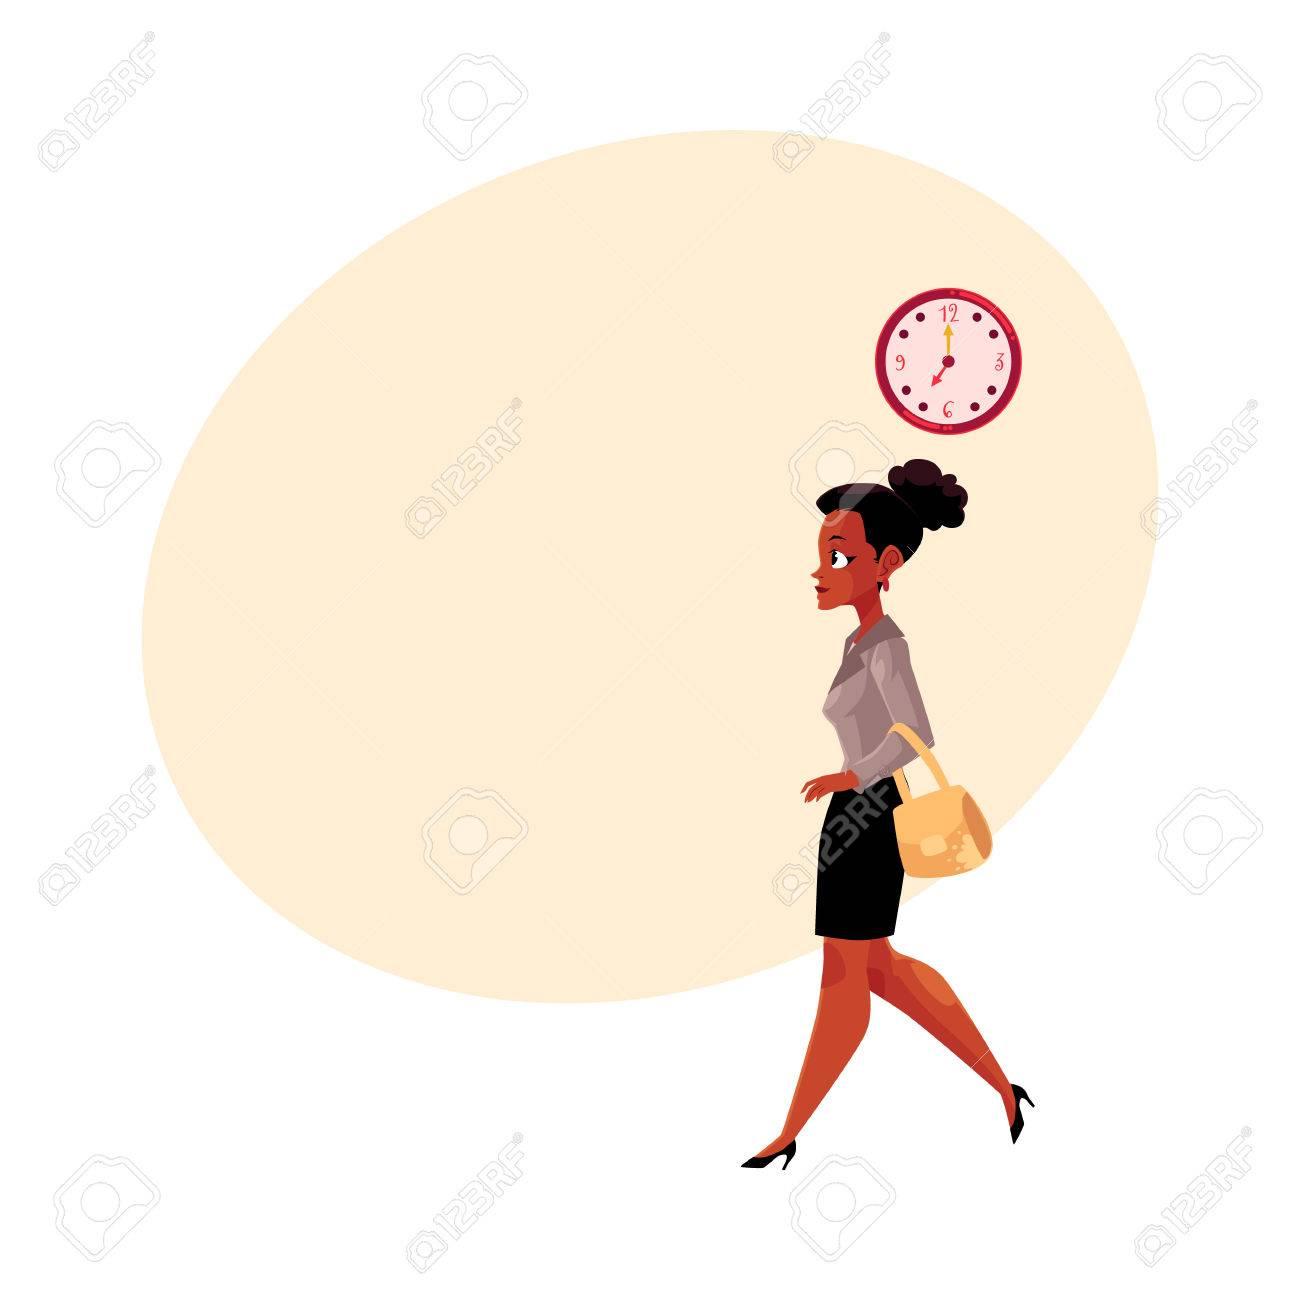 Jeune Femme Noire Afro Americaine Va Travailler Le Matin Horloge